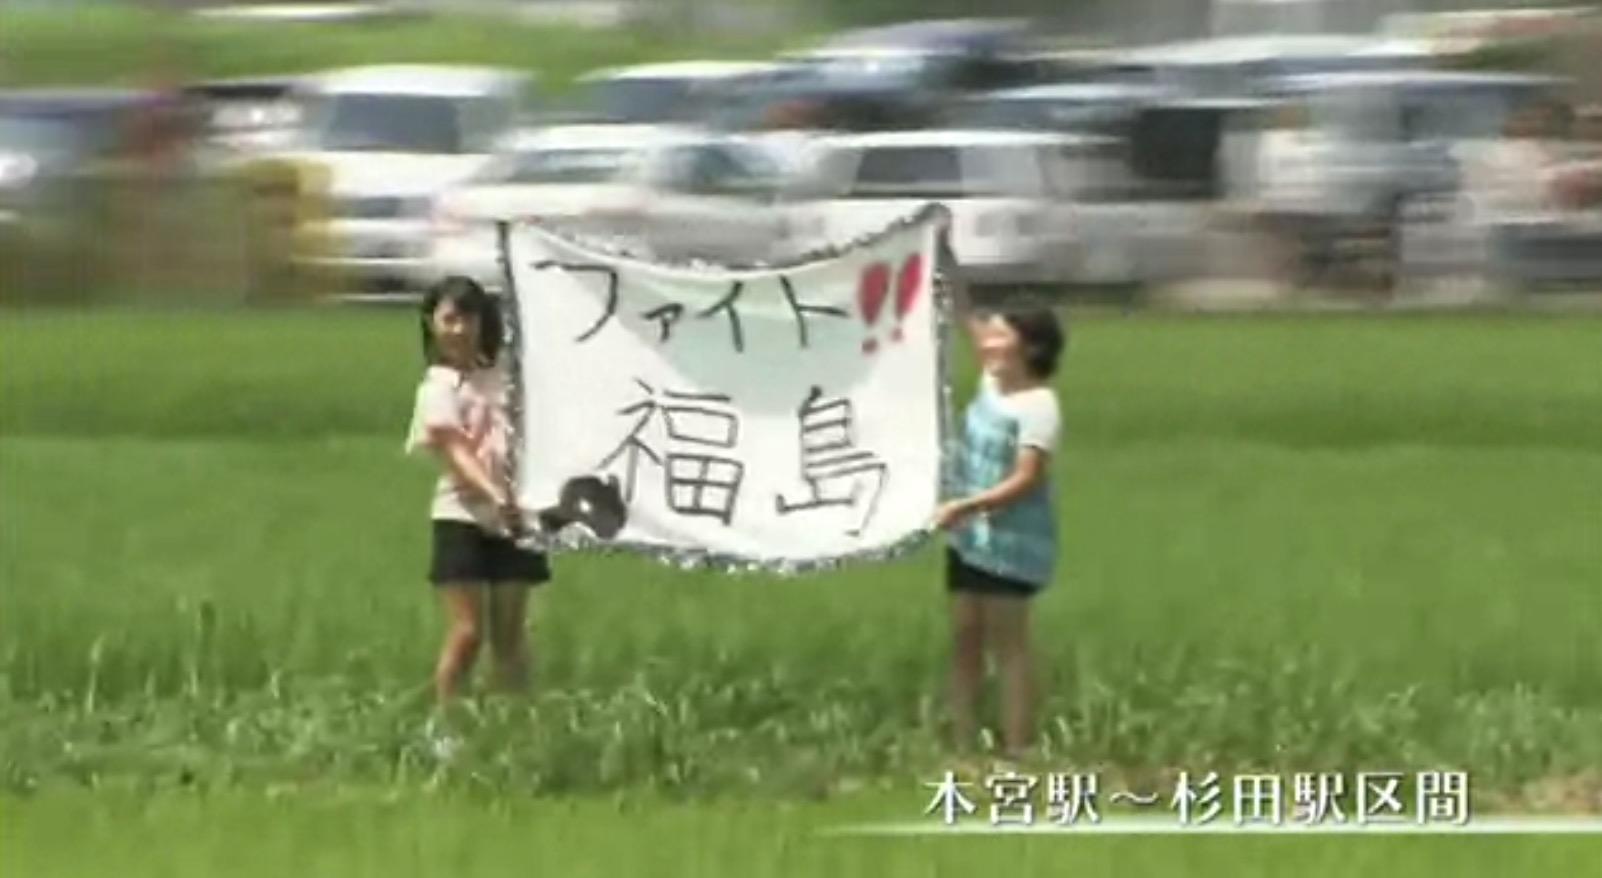 【感動】震災後の日本に勇気をくれた、JR東日本「沿線スマイルプロジェクト」の福島編